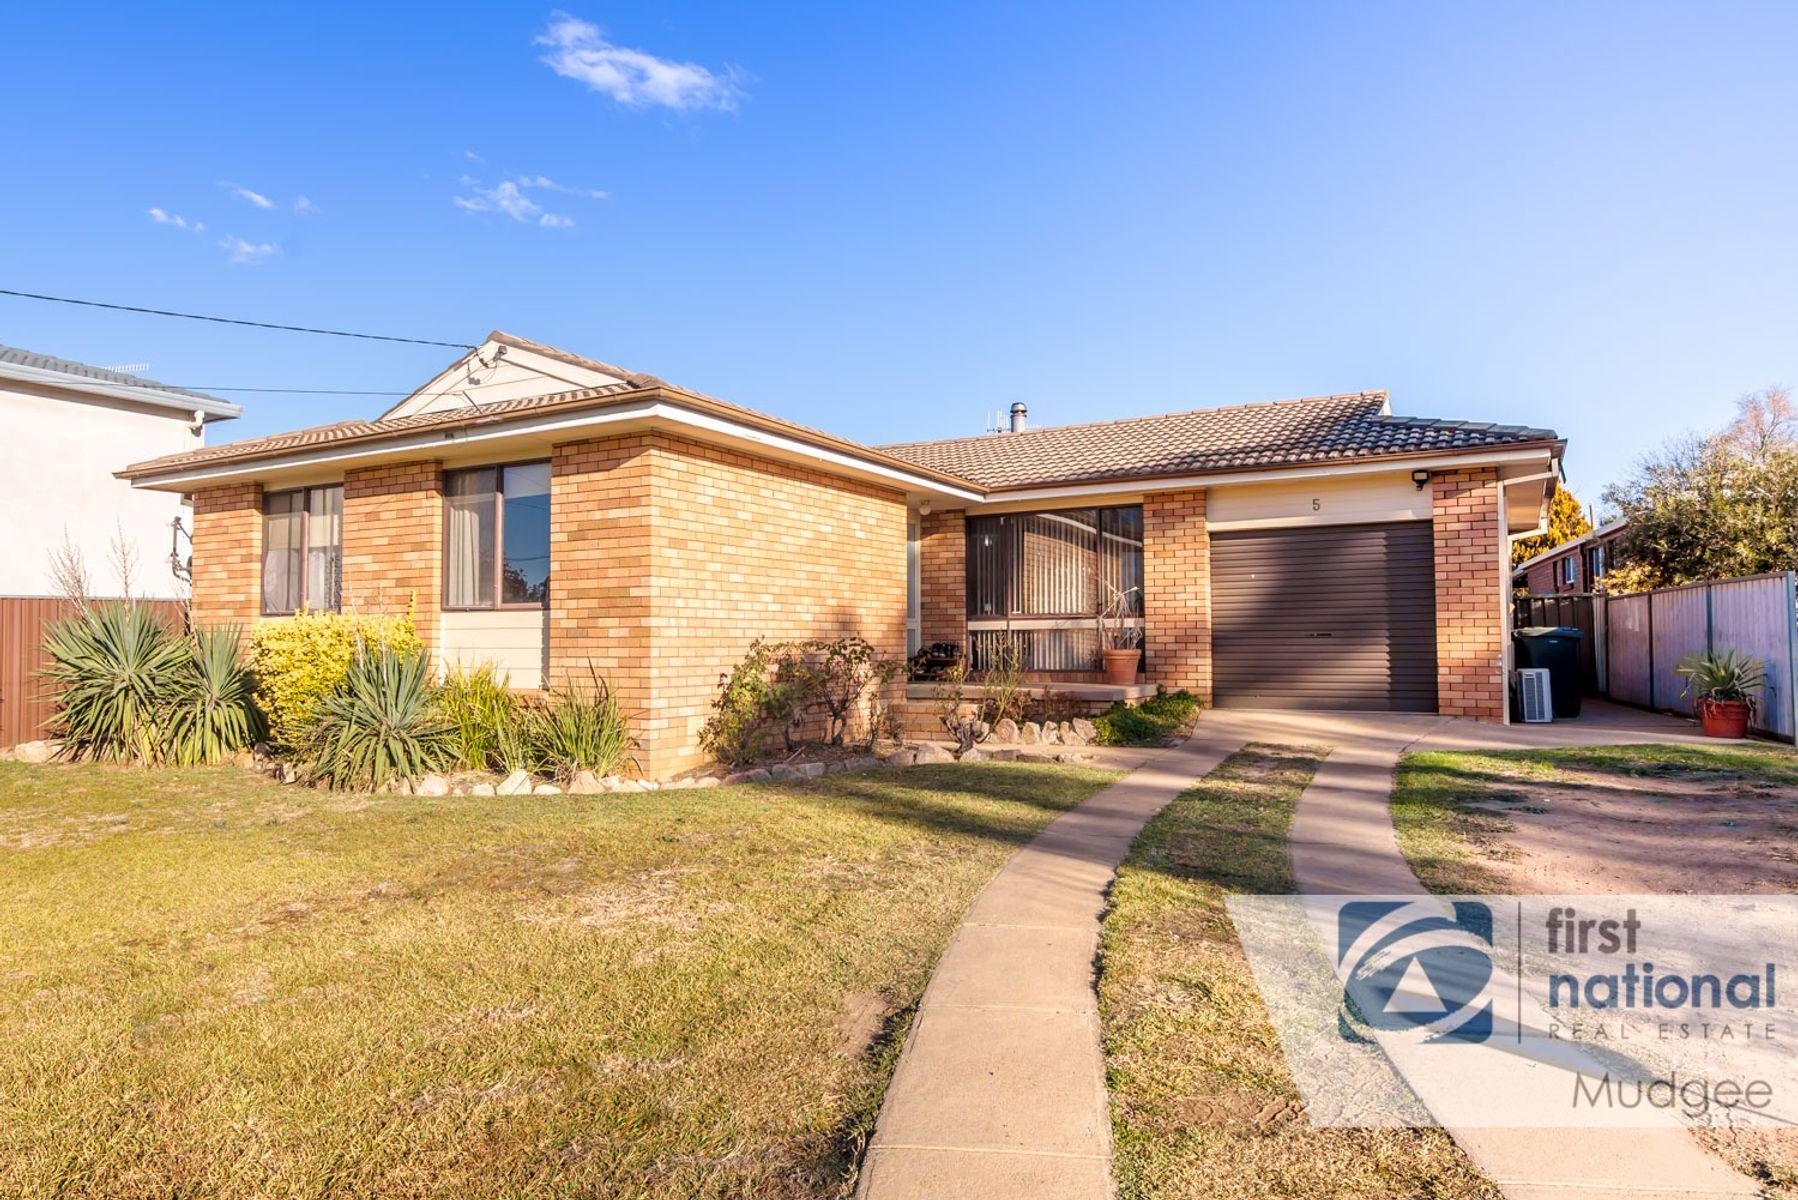 5 Darren Drive, Mudgee, NSW 2850